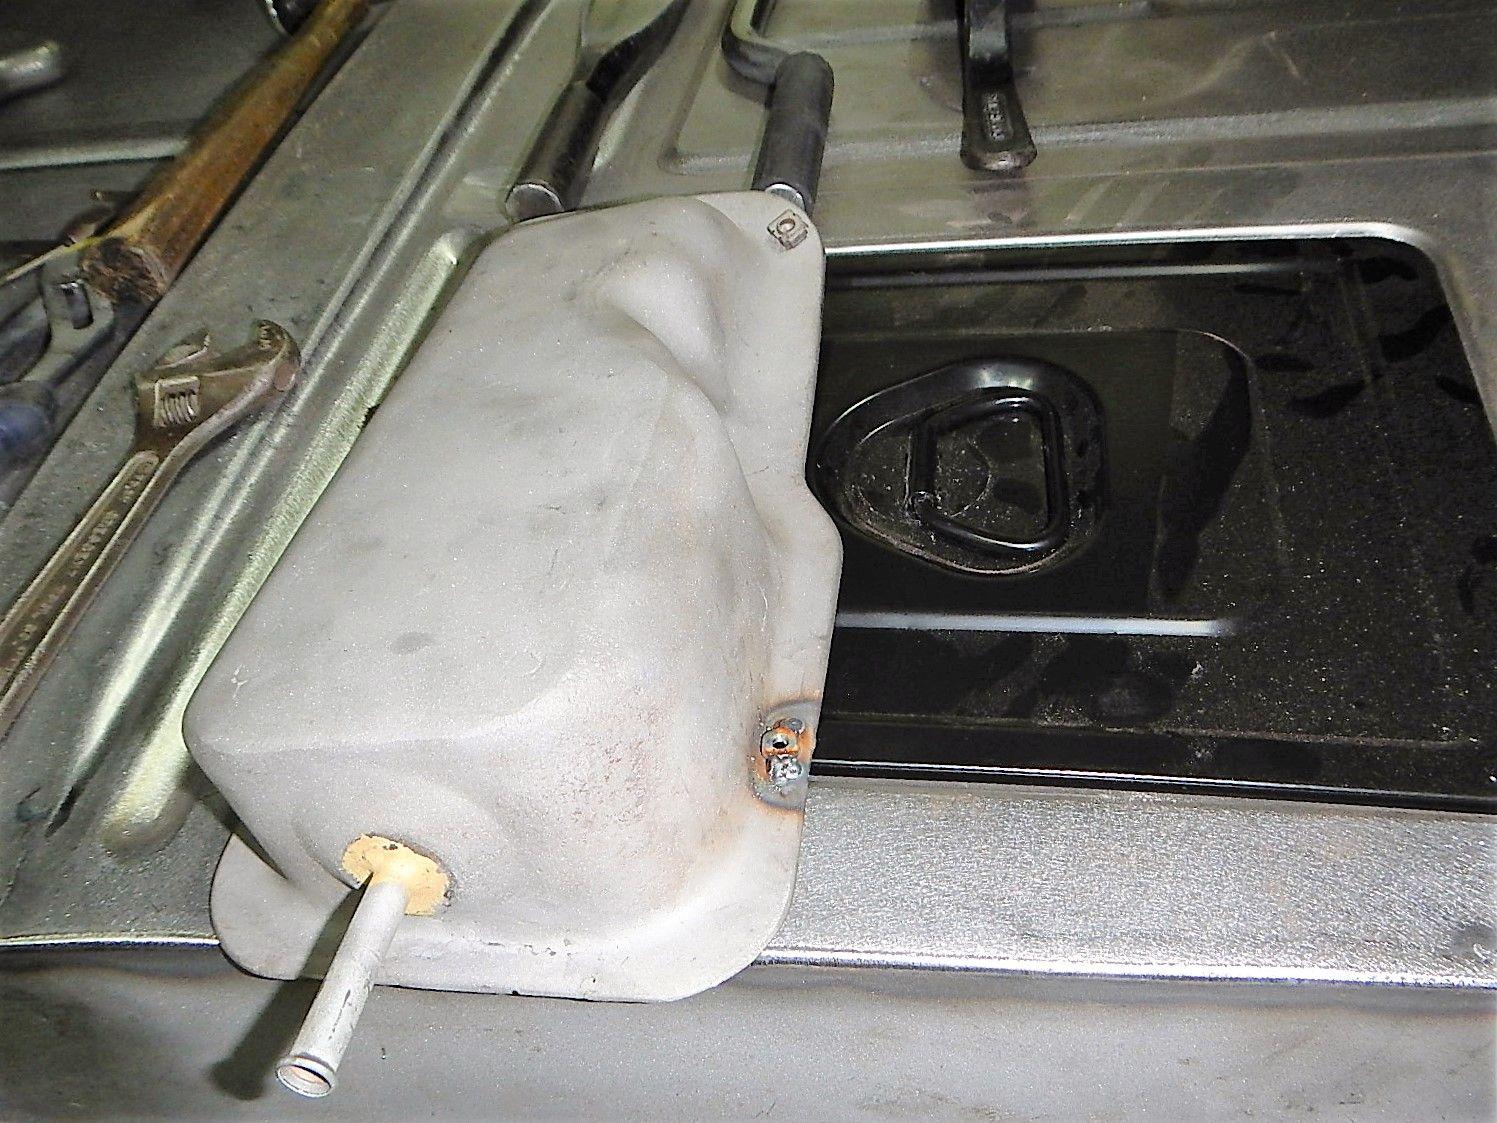 1953 Ford F-100 Restomod Sheet metal repair  023.jpg